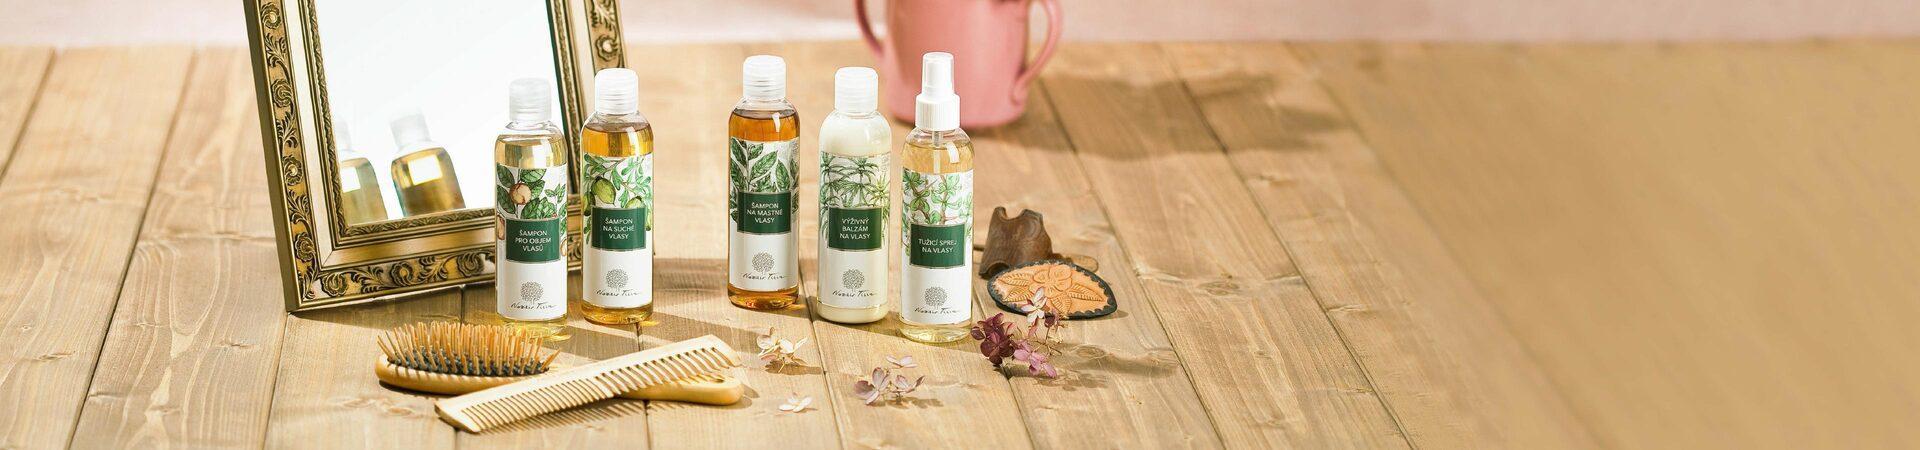 produkty vlasové kosmetiky - přírodní kosmetika Nobilis Tilia